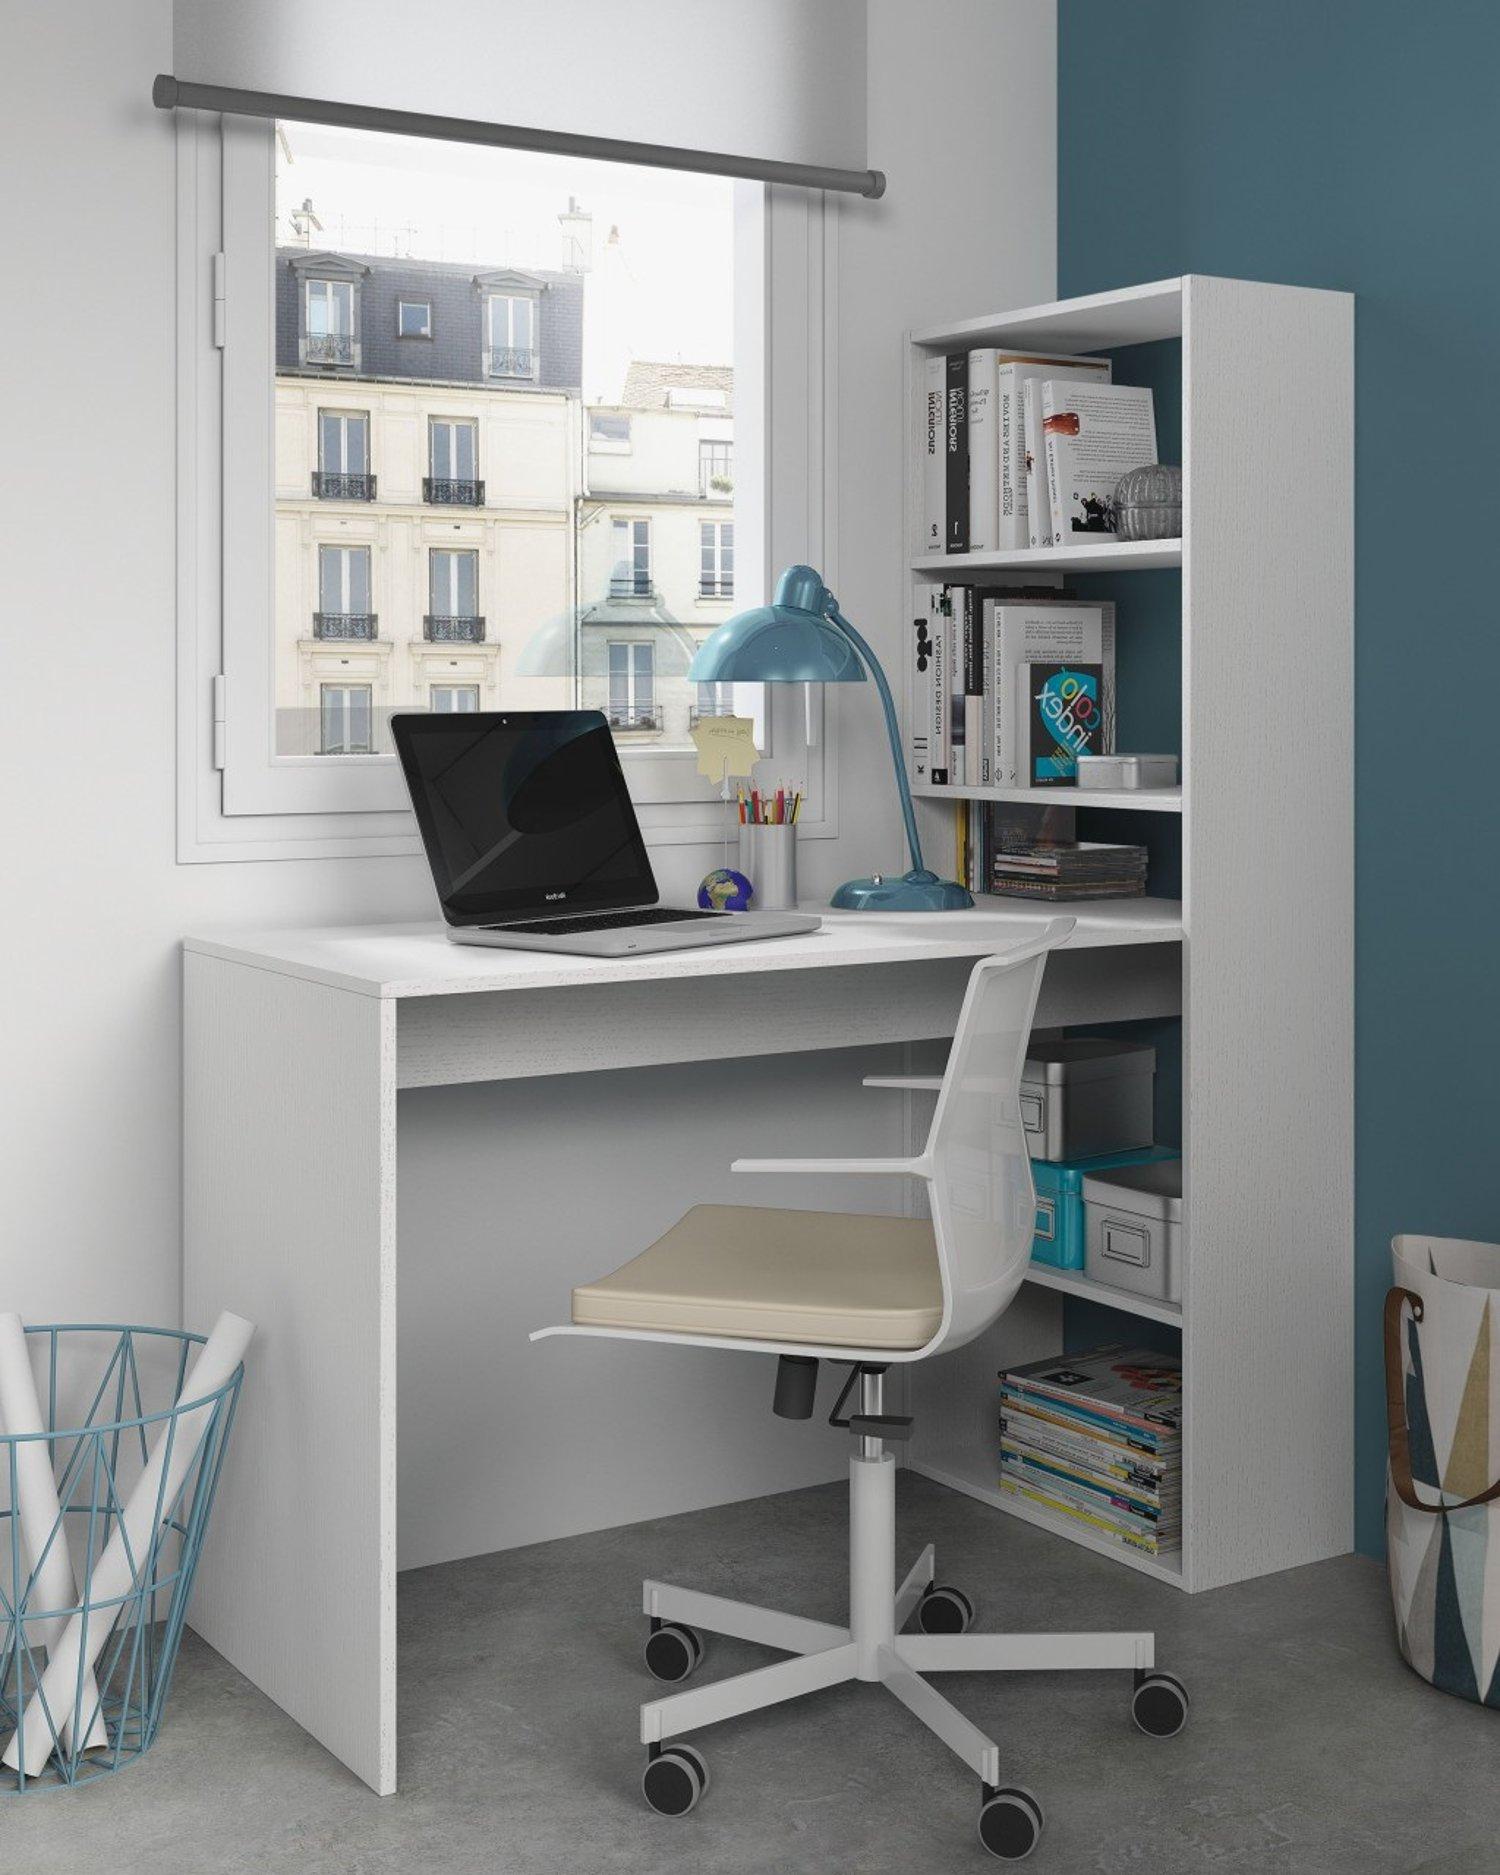 Scrivania jolie scrittoio con libreria bianco frassinato for Scrivania con libreria ikea